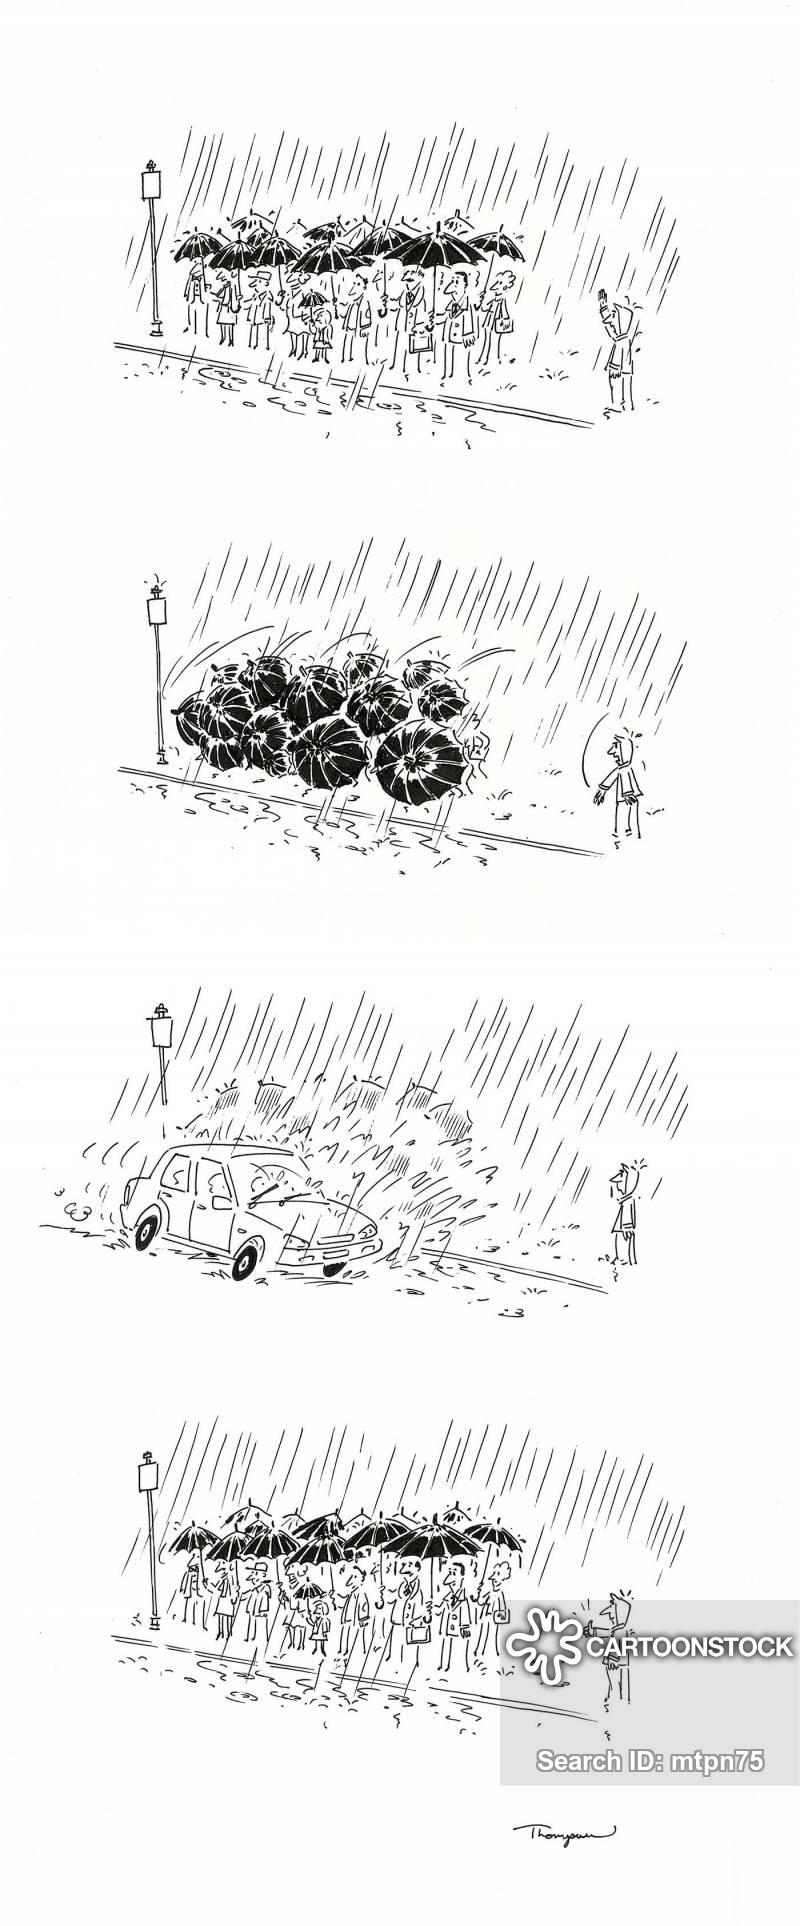 splashing cartoon